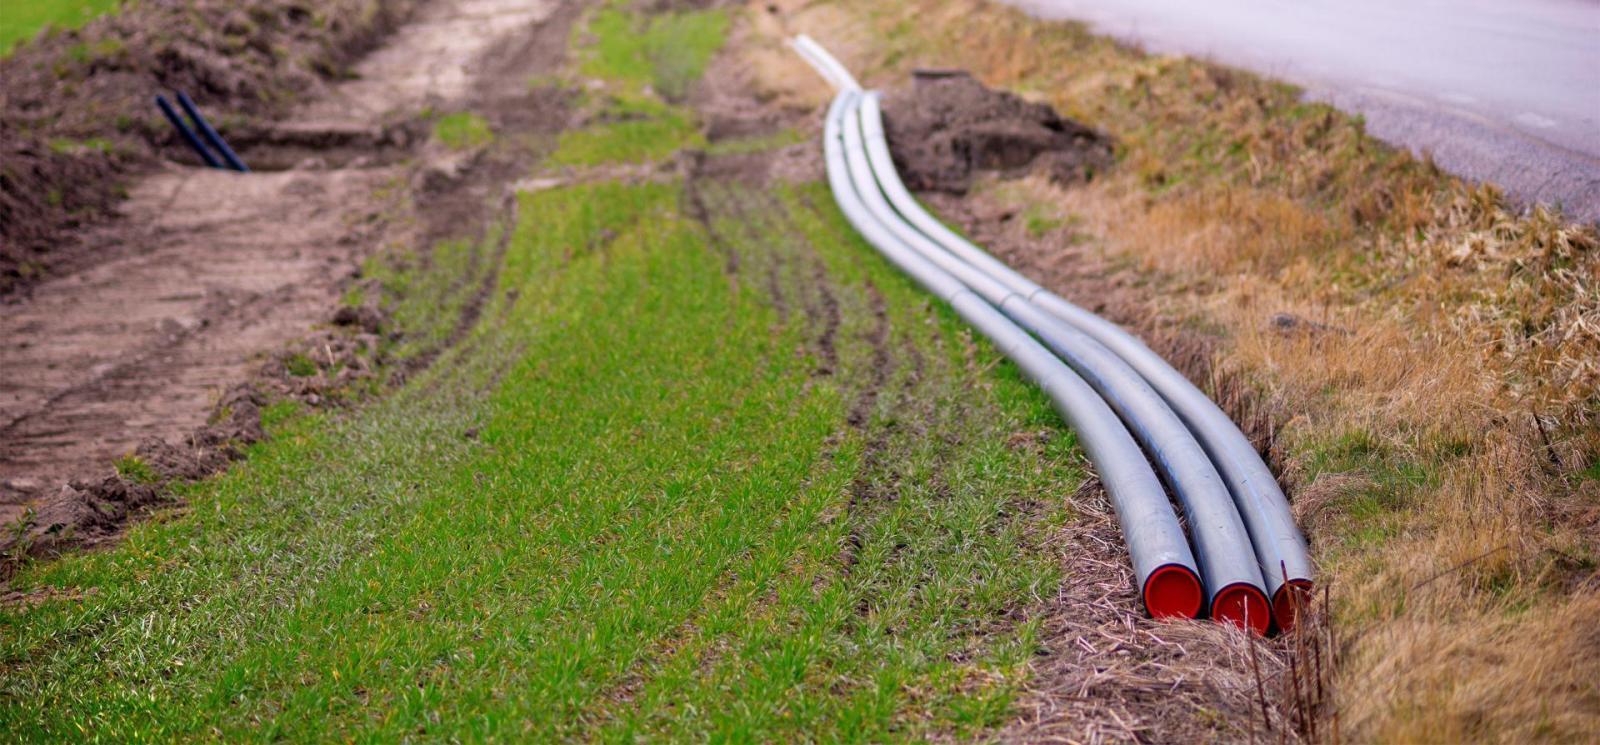 Fiber optic cable runs through a rural area